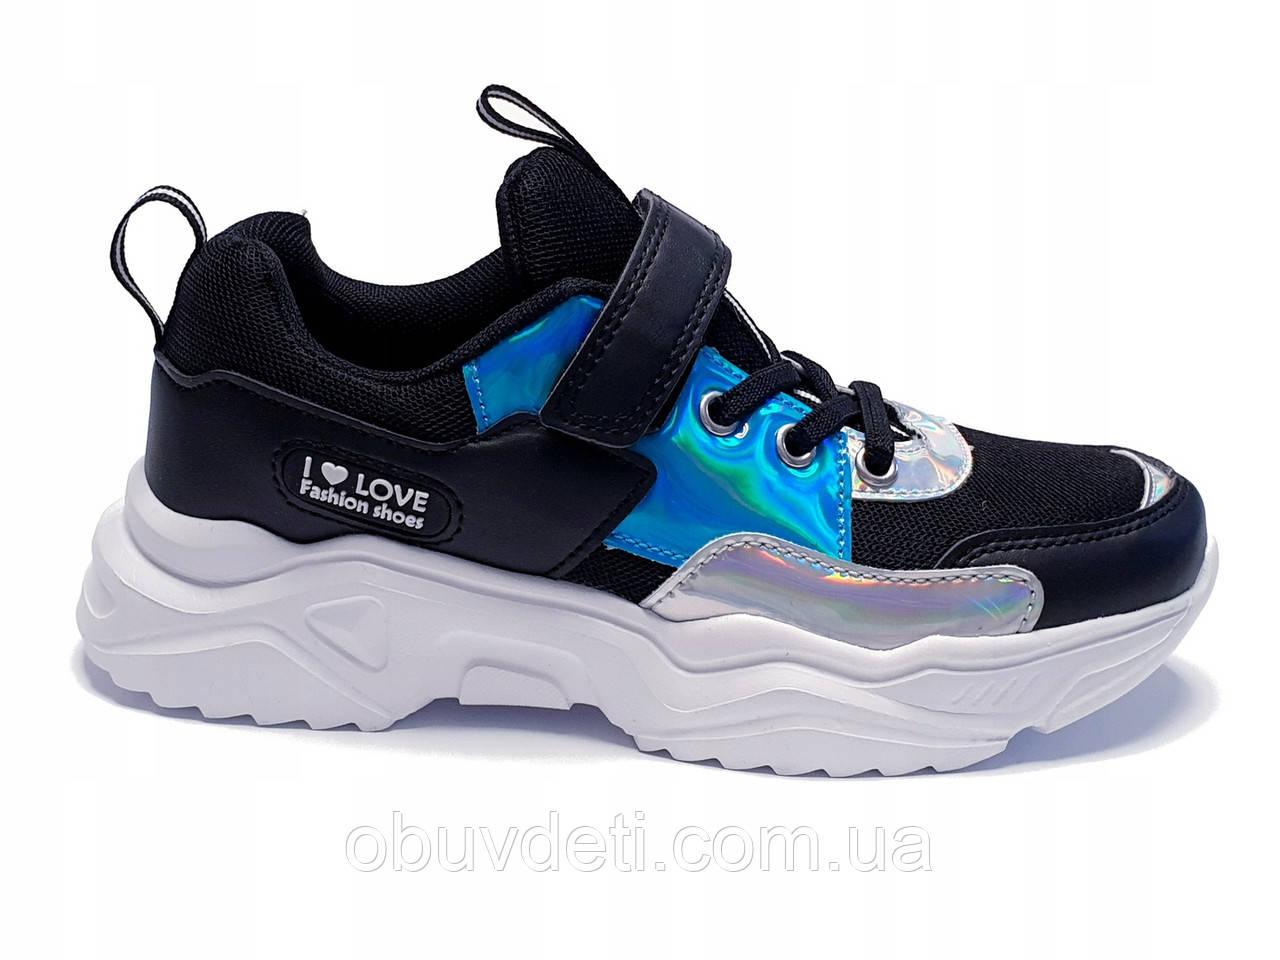 Качественные кроссовки american club для девочки 35 размер - 22,5 см